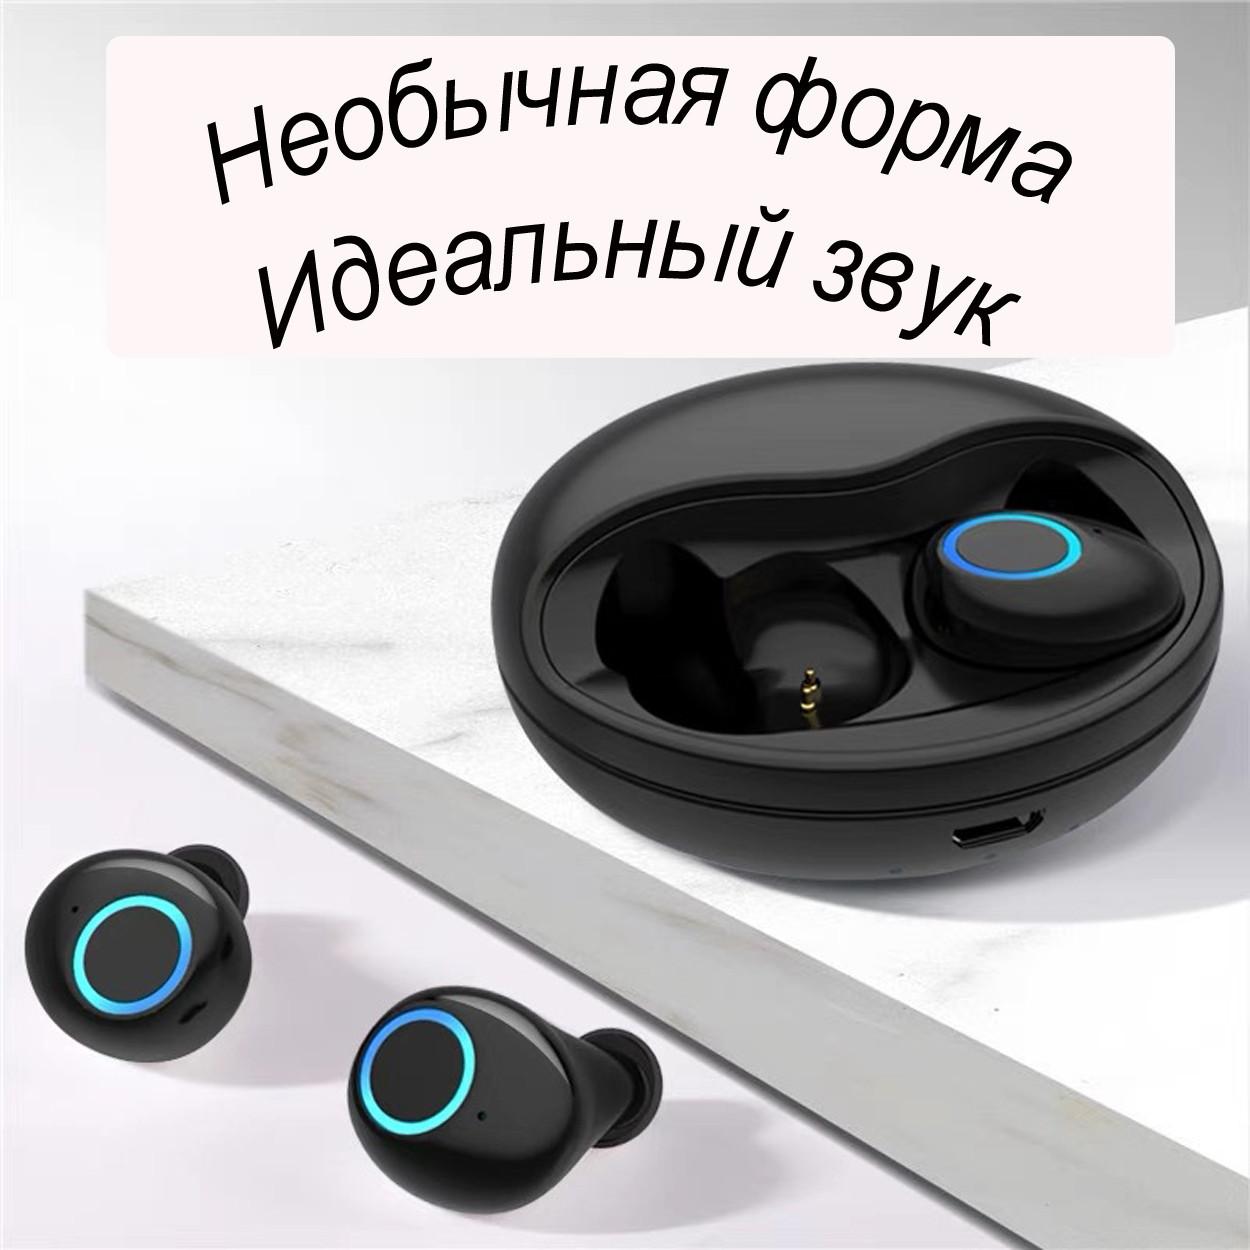 Беспроводные наушники блютуз-гарнитура с зарядным кейсом 500 мА*ч. Wi-pods К10 наушники Bluetooth 5.0.Черные